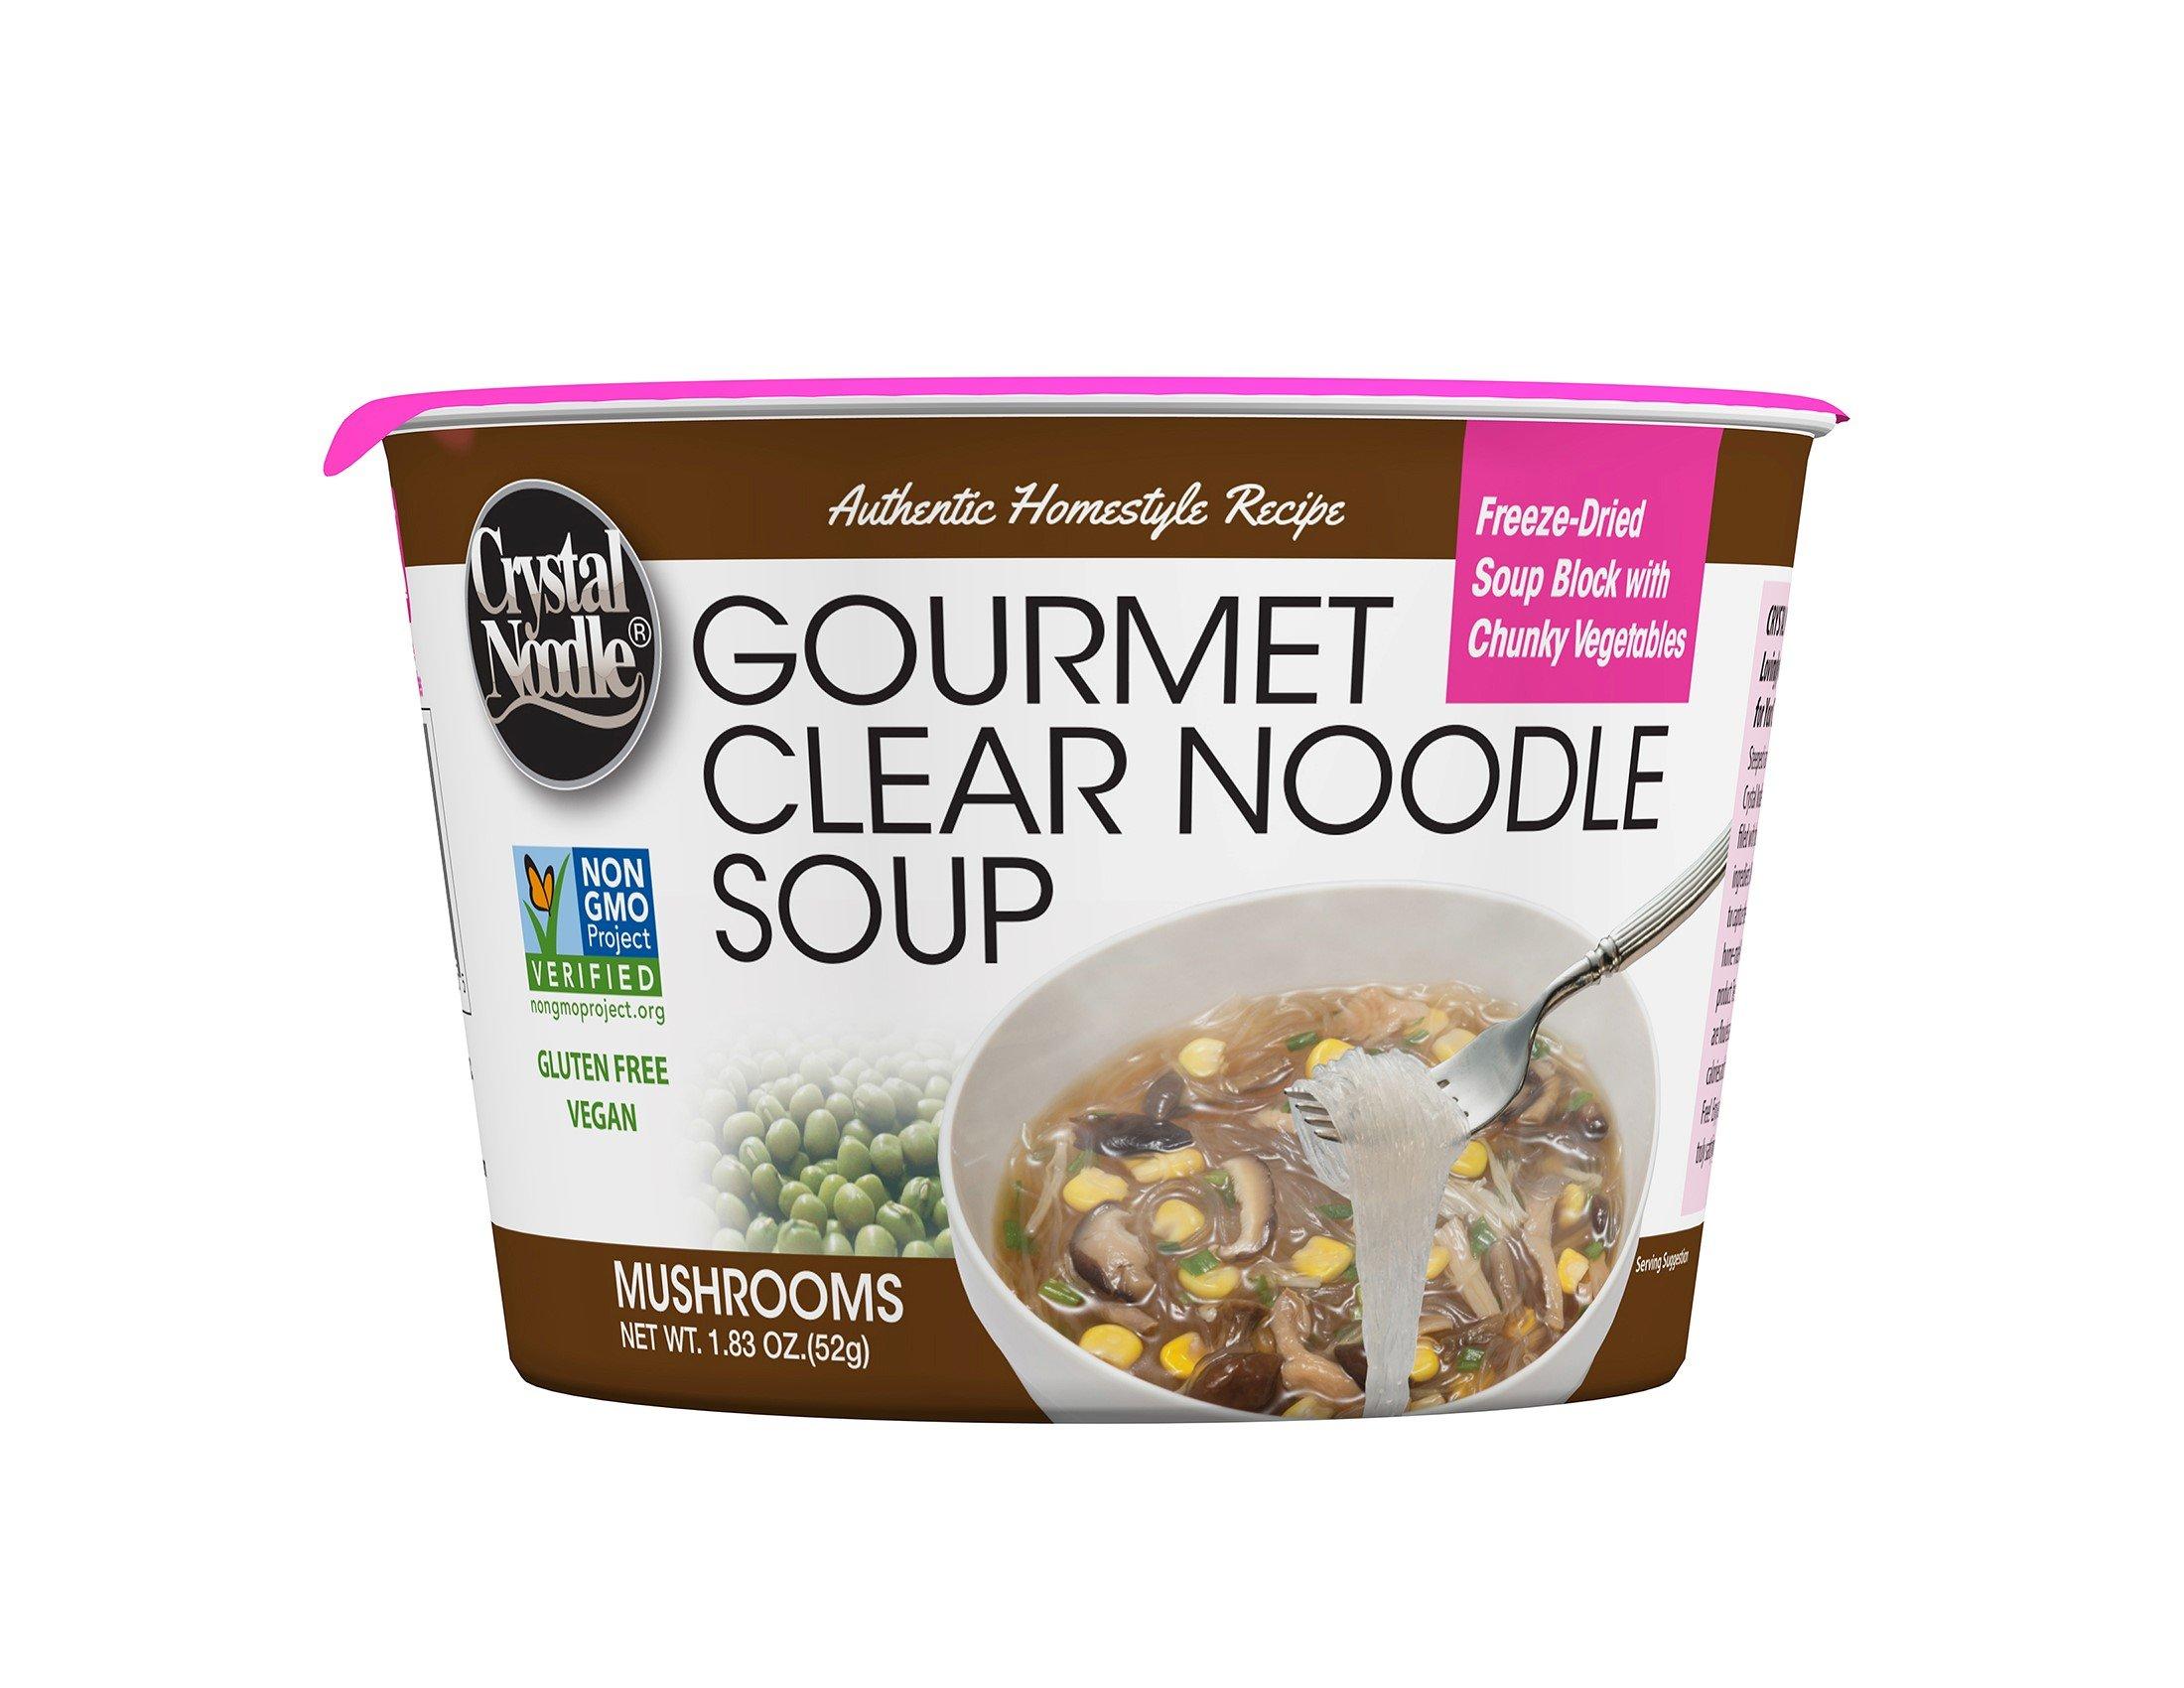 Crystal Noodle Non-GMO Long Noodle Soup, Mushrooms, Mushrooms, 1.83 Ounce (Pack of 6) by Crystal Noodle